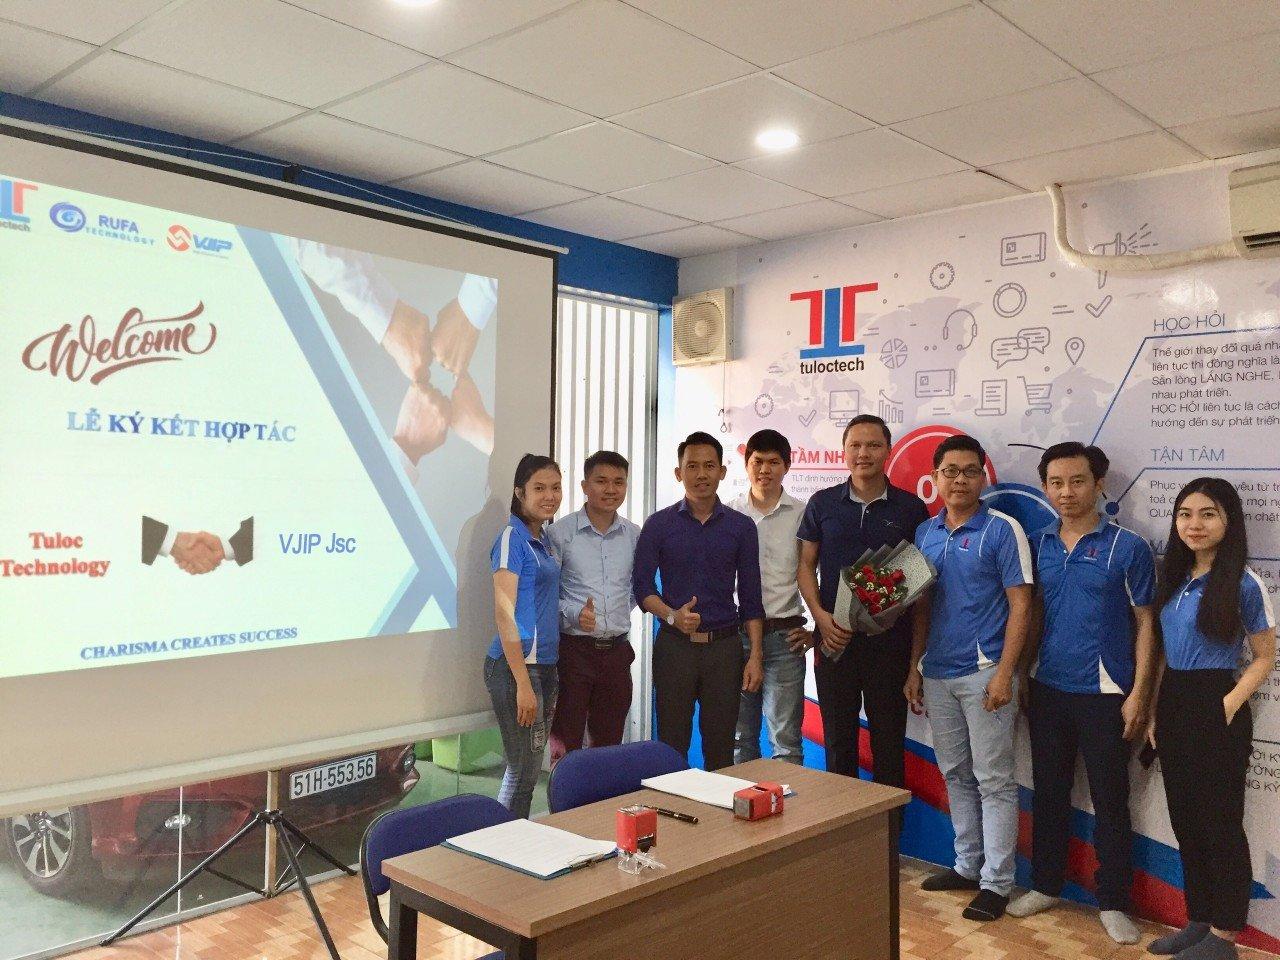 Lễ ký kết hợp tác giữa TLT - VJIP